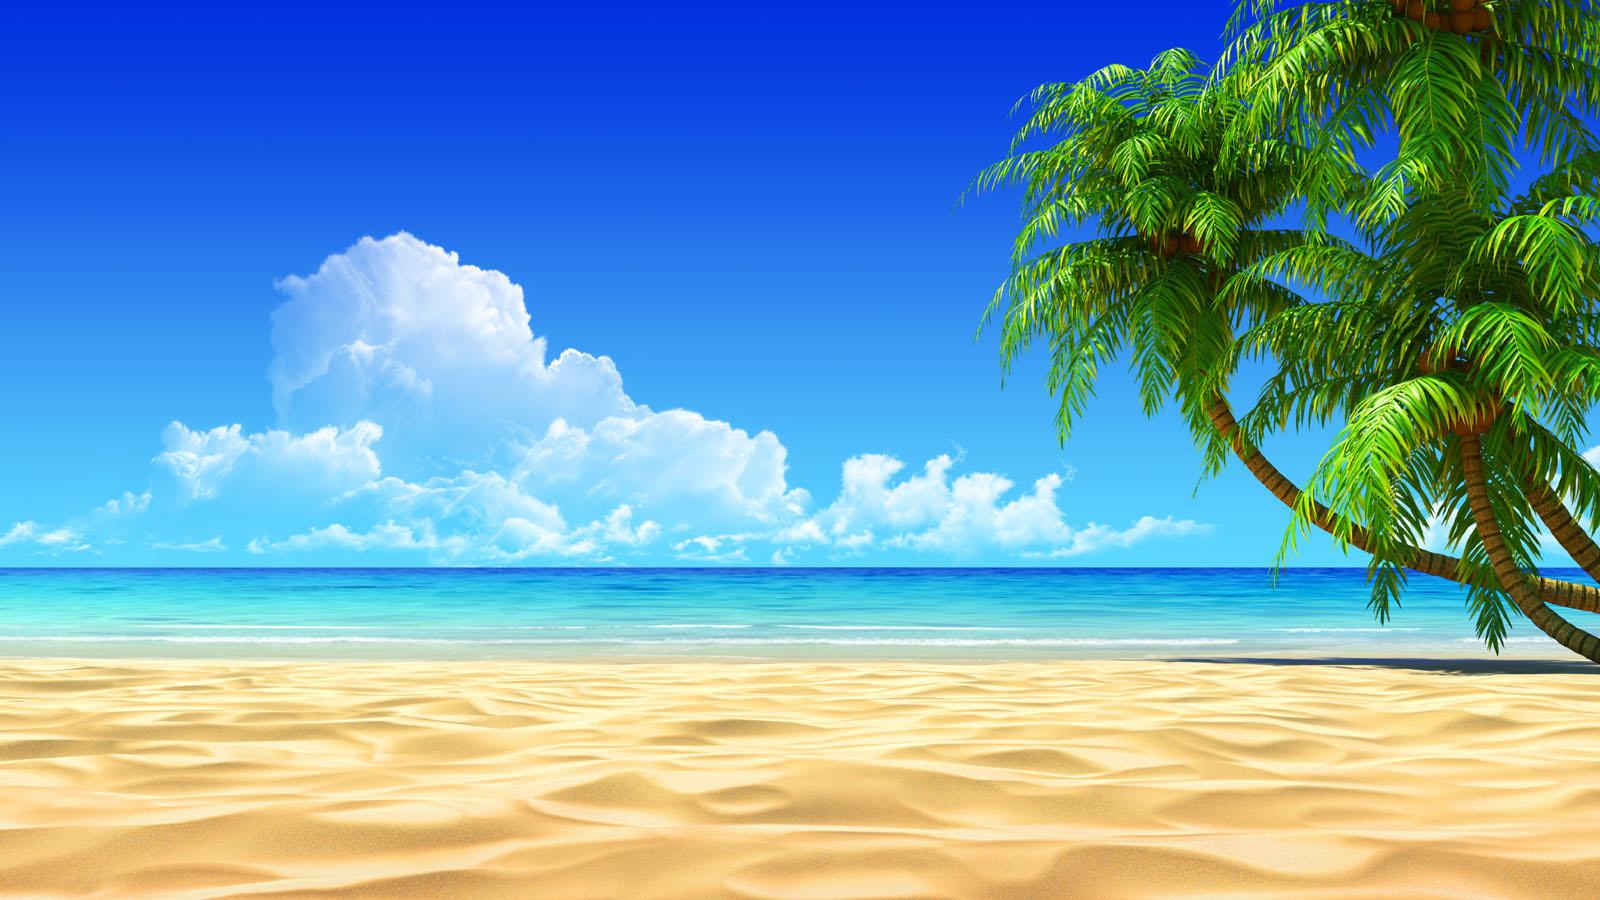 Beach 3D Wallpaper Sand